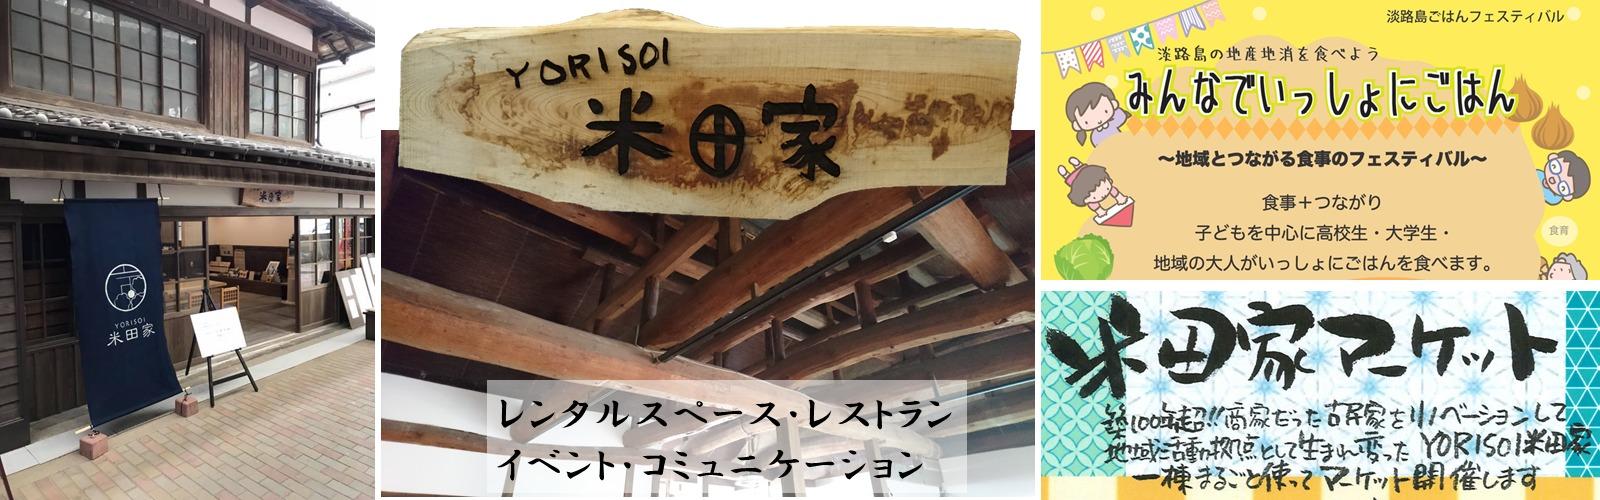 YORISOI 米田家